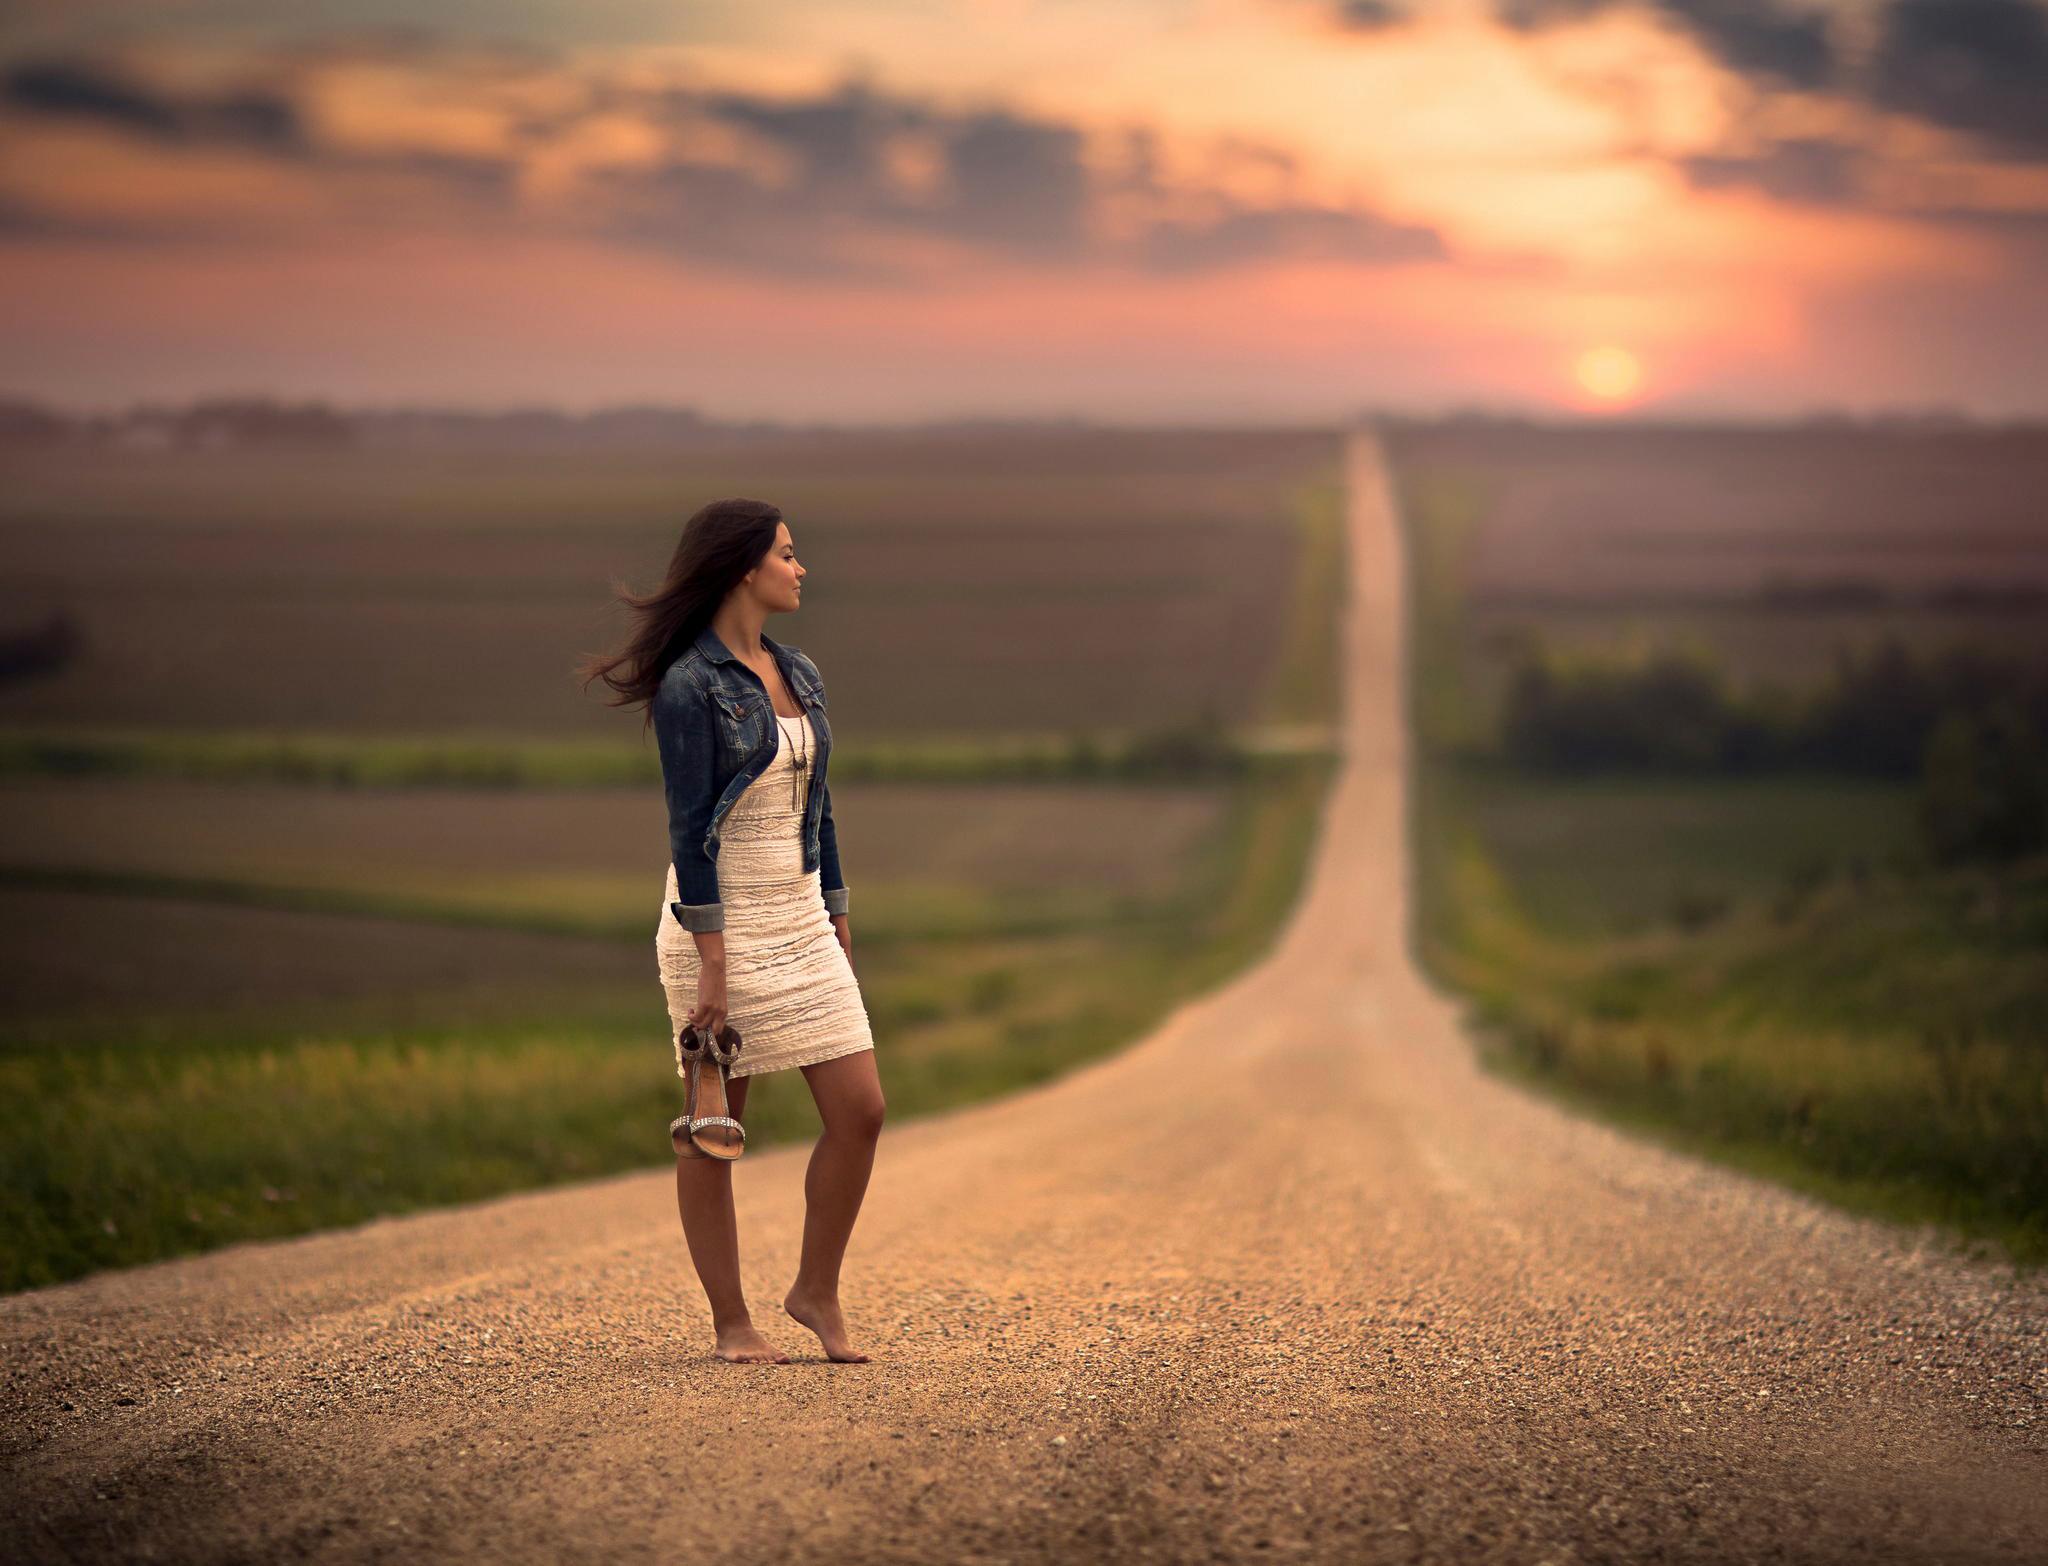 576055 boke ojidanie bosaya devushka plate prostor doroga 2048x1566 www.GetBg .net  Психотерапия:  изменить жизнь или оставить все, как есть?